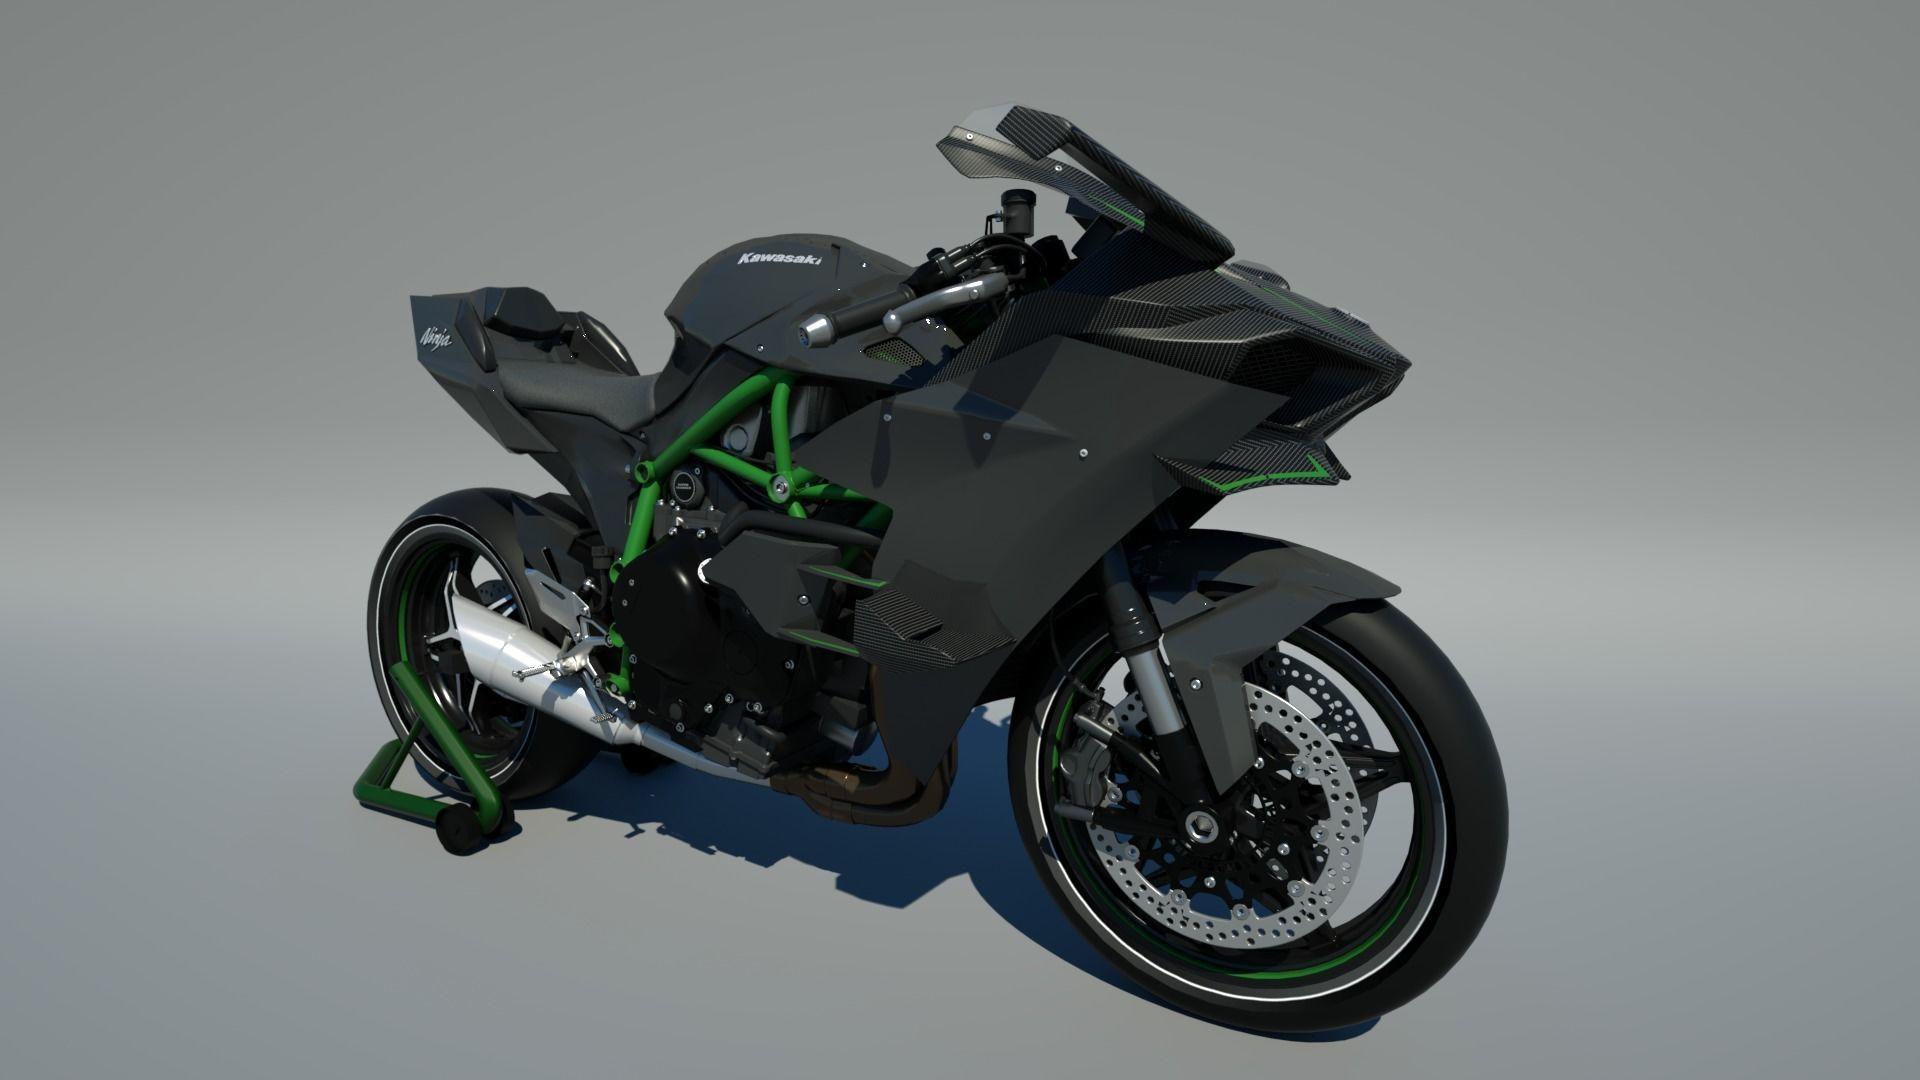 Kawasaki Ninja H2r 3d Model Low Poly Obj Fbx Blend Mtl